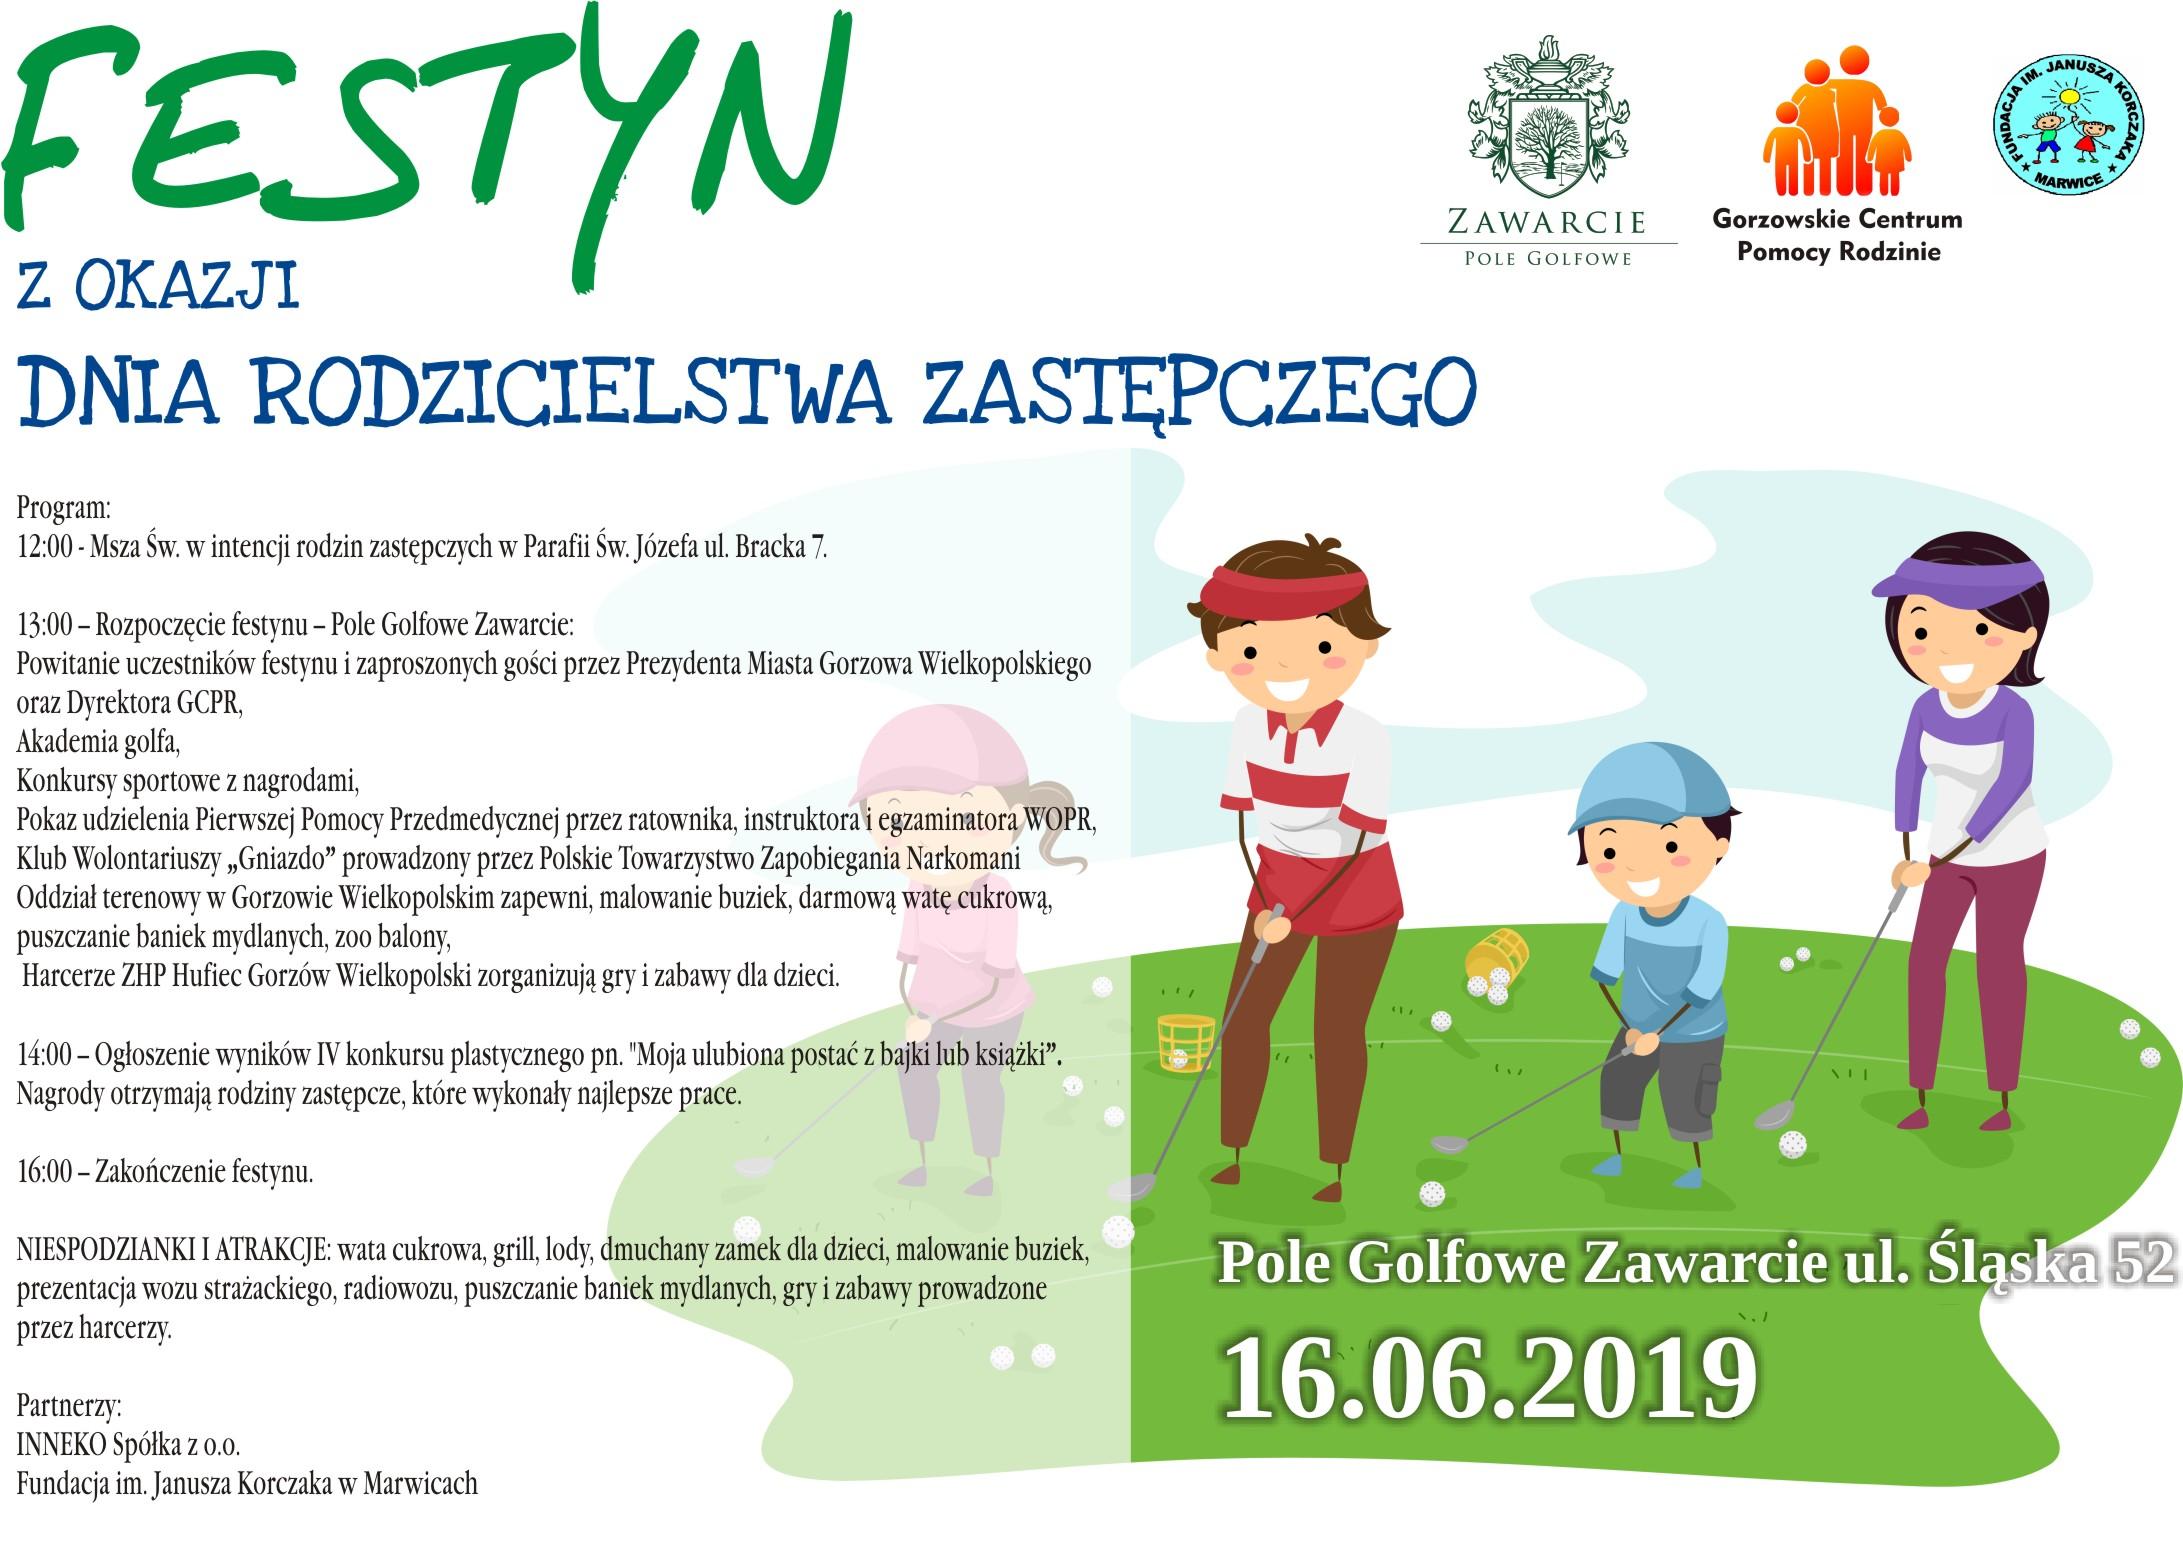 plakat festyn zokazji dnia rodzicielstwa zastępczego